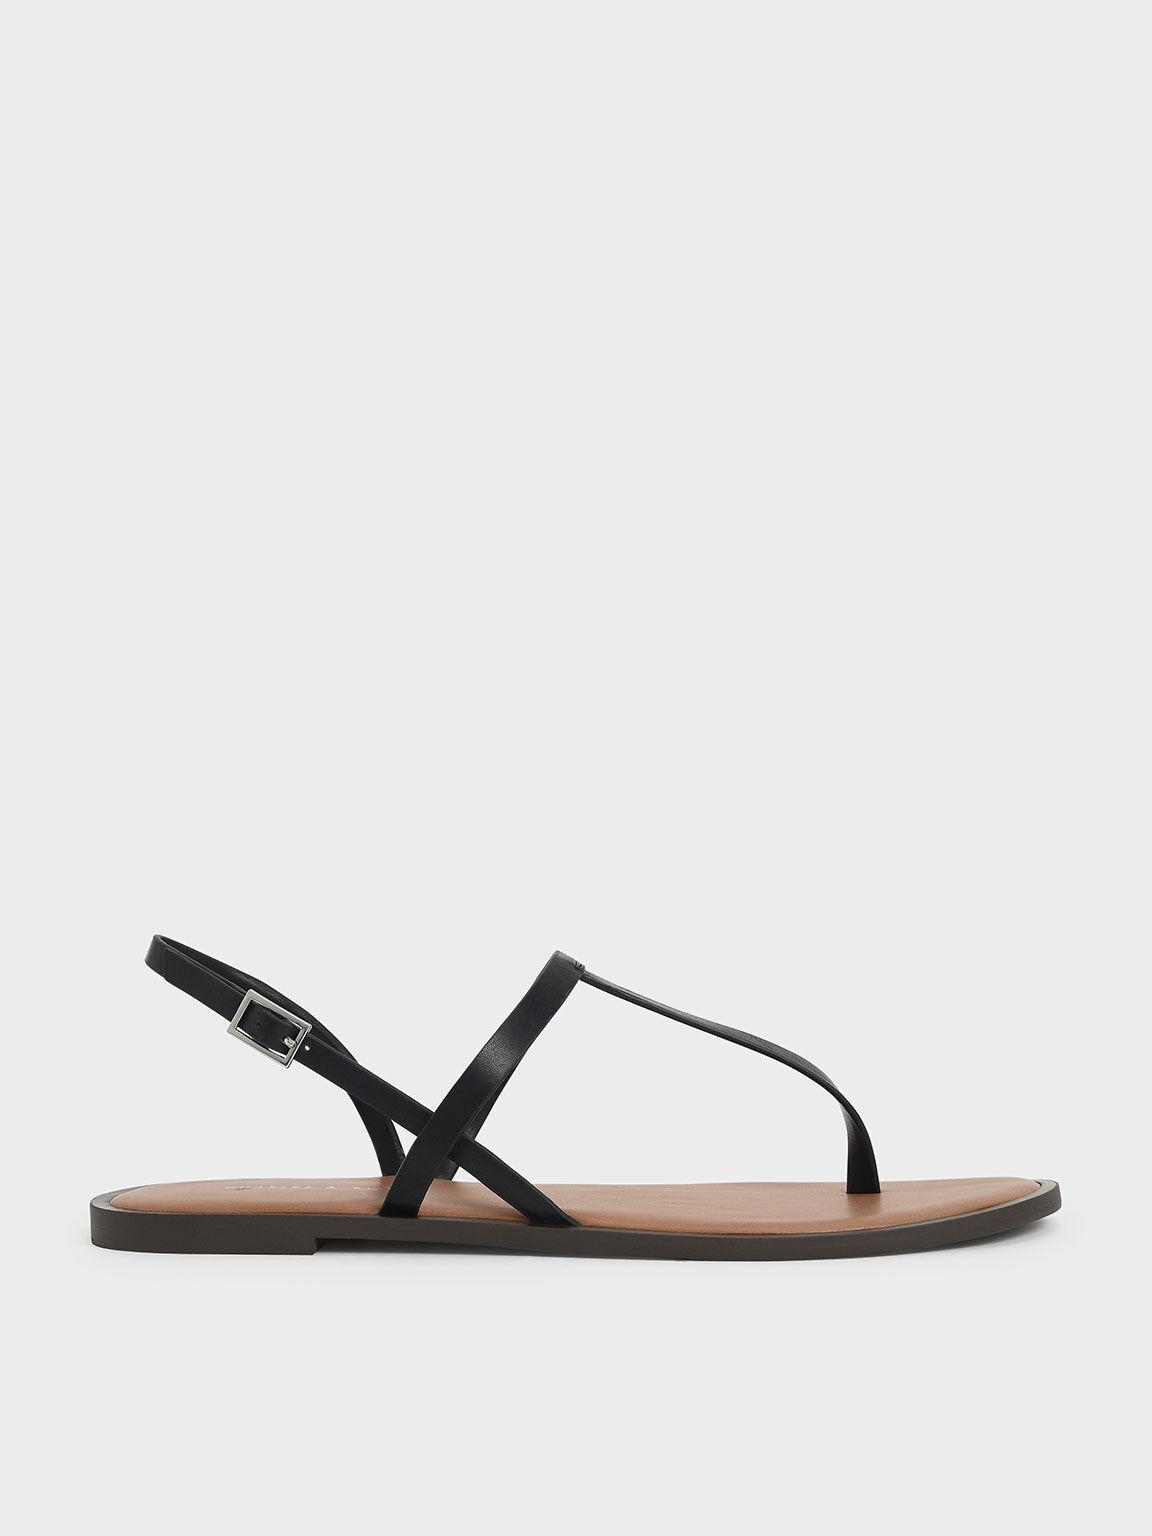 T-Bar Slingback Sandals, Black, hi-res